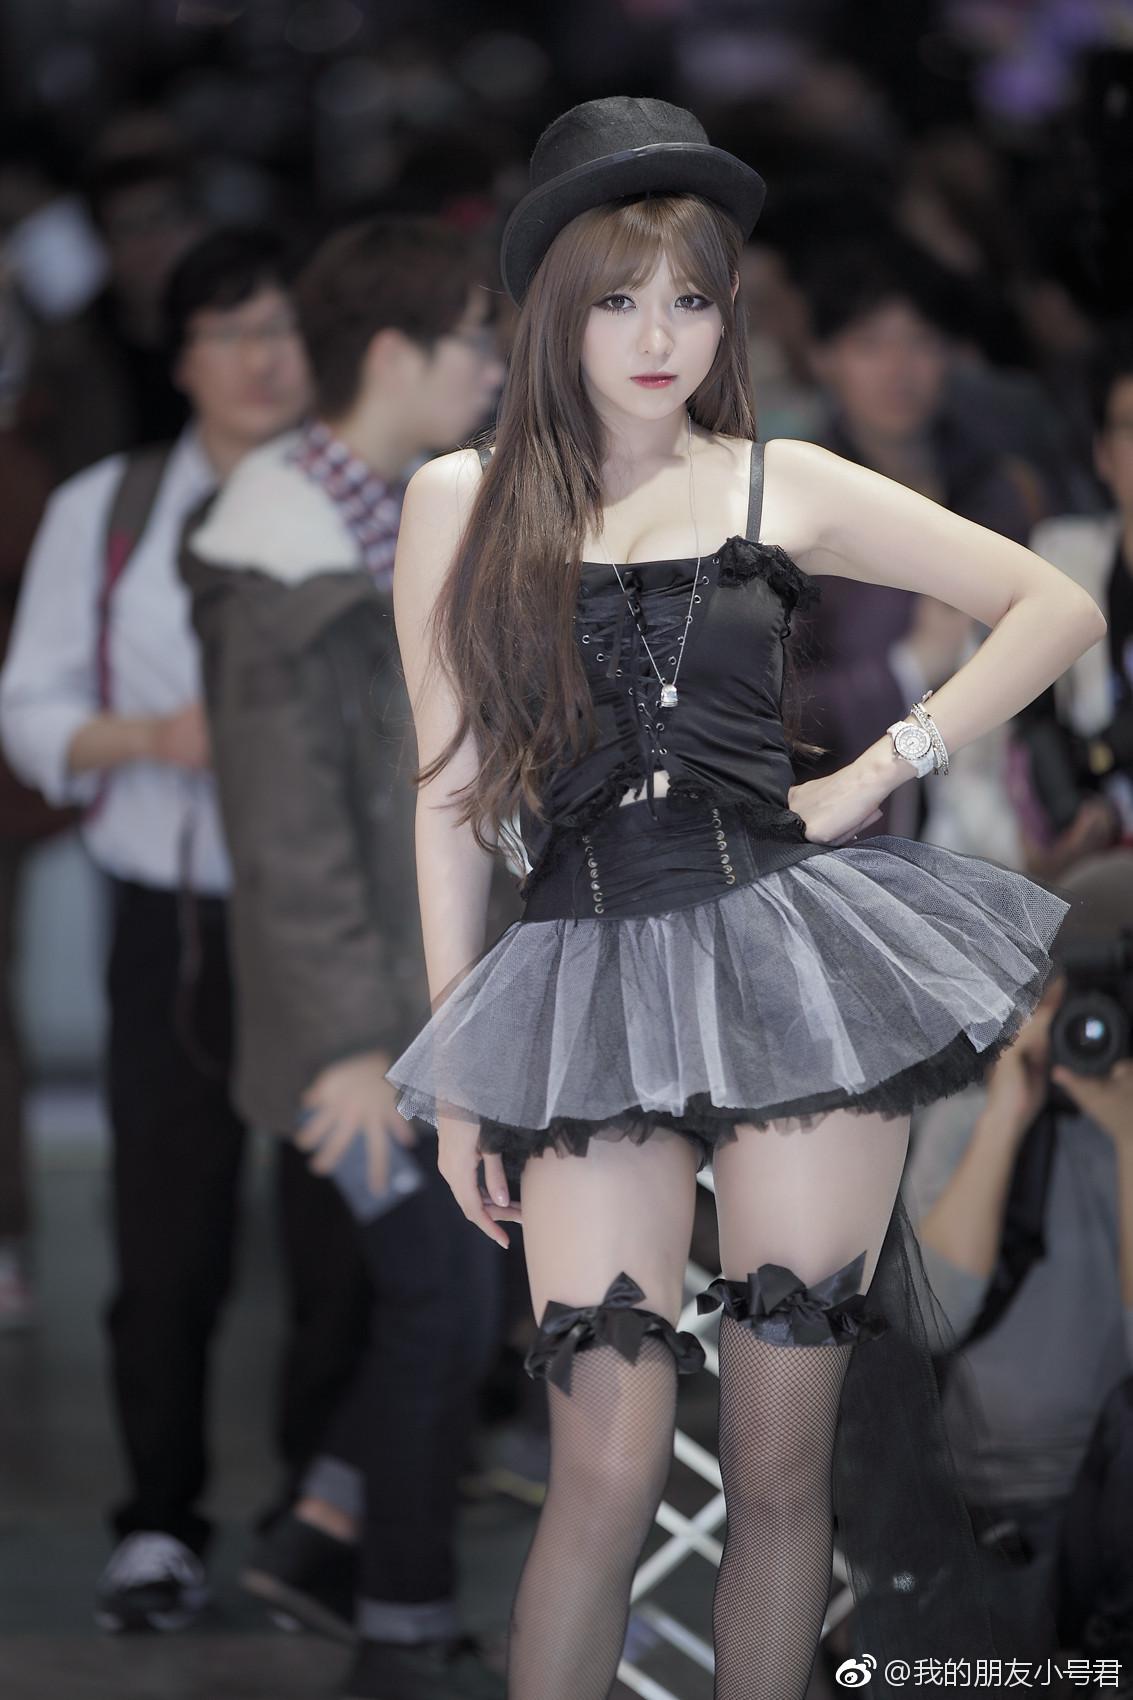 韩国妹子Lee Eun Hye ,大概,这就是心动的感觉吧 美女写真-第6张